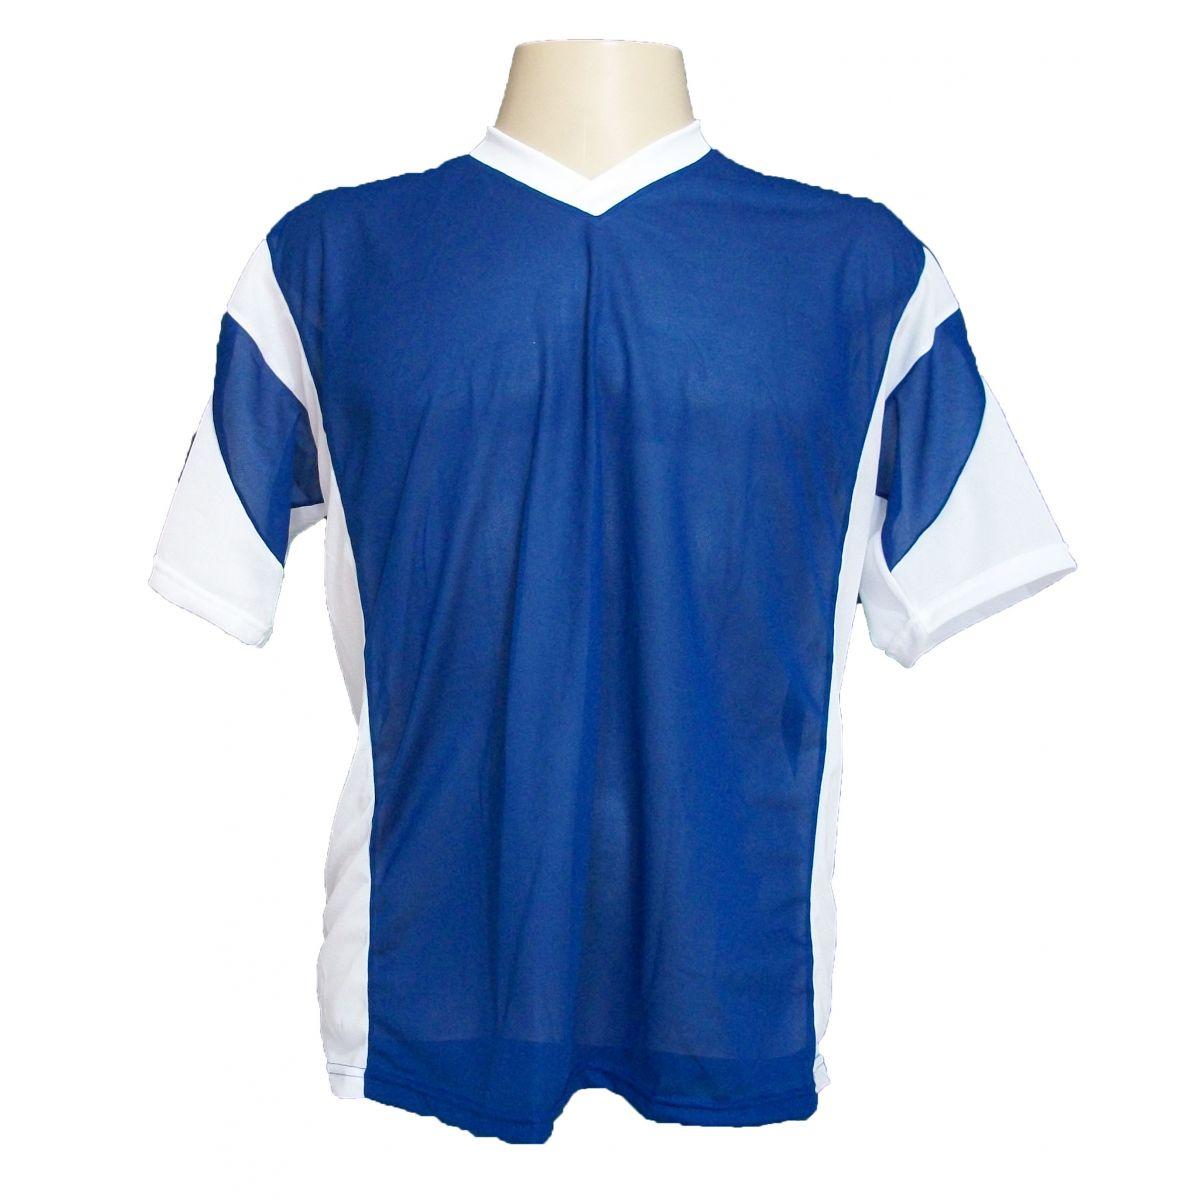 Jogo de Camisa Promocional com 12 Peças Numeradas Modelo Attack Royal/Branco